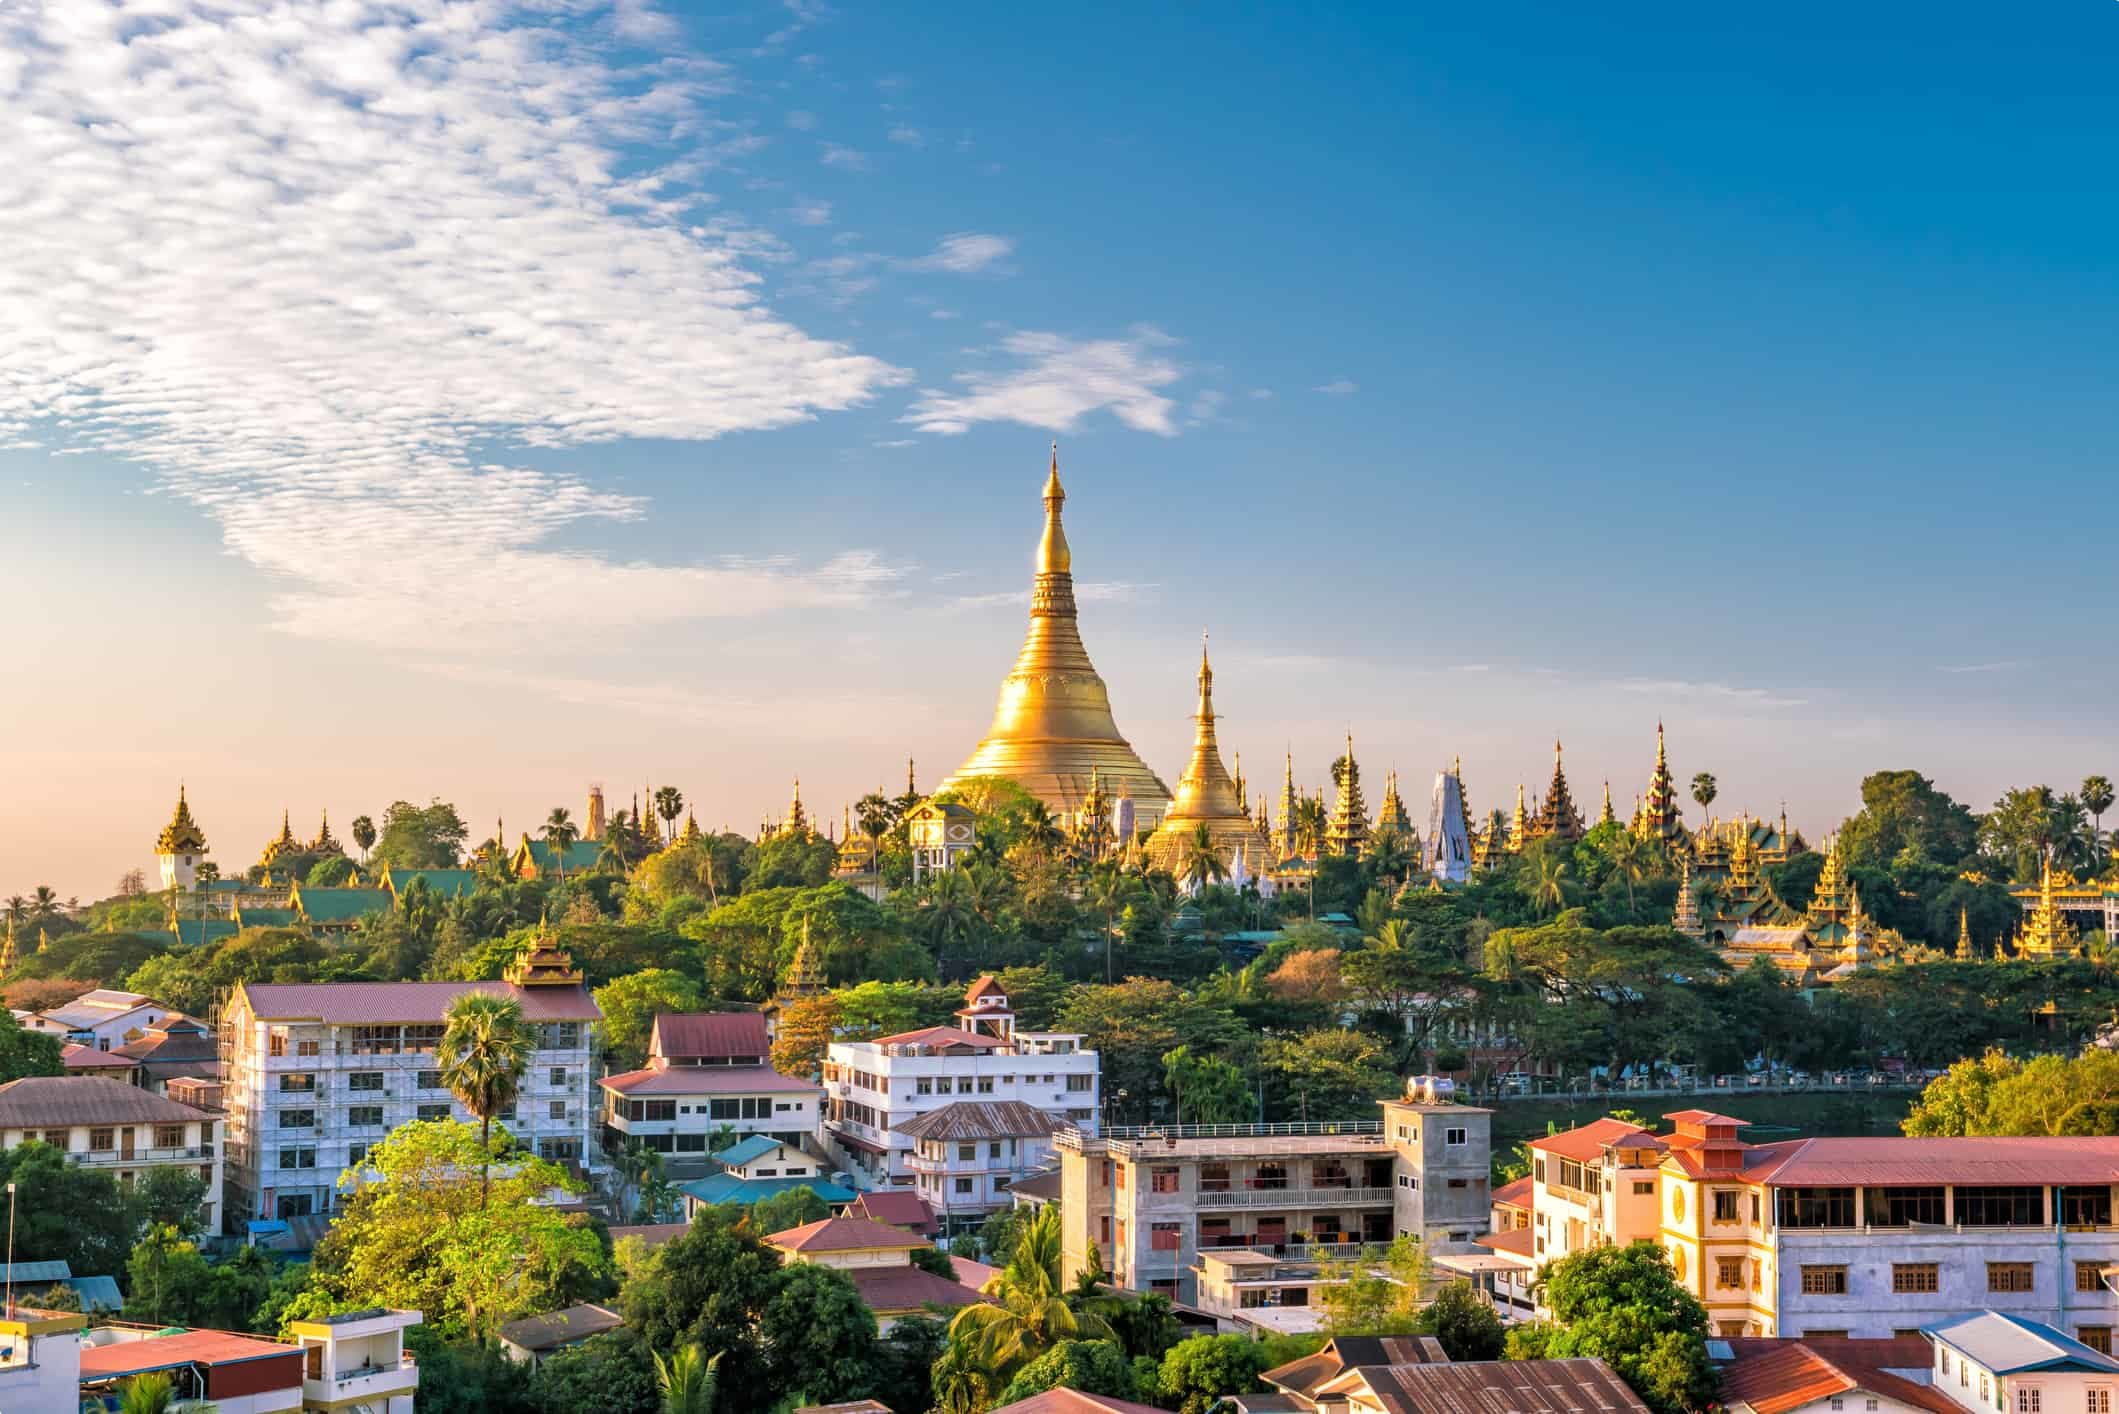 Yangon skyline with Shwedagon Pagoda